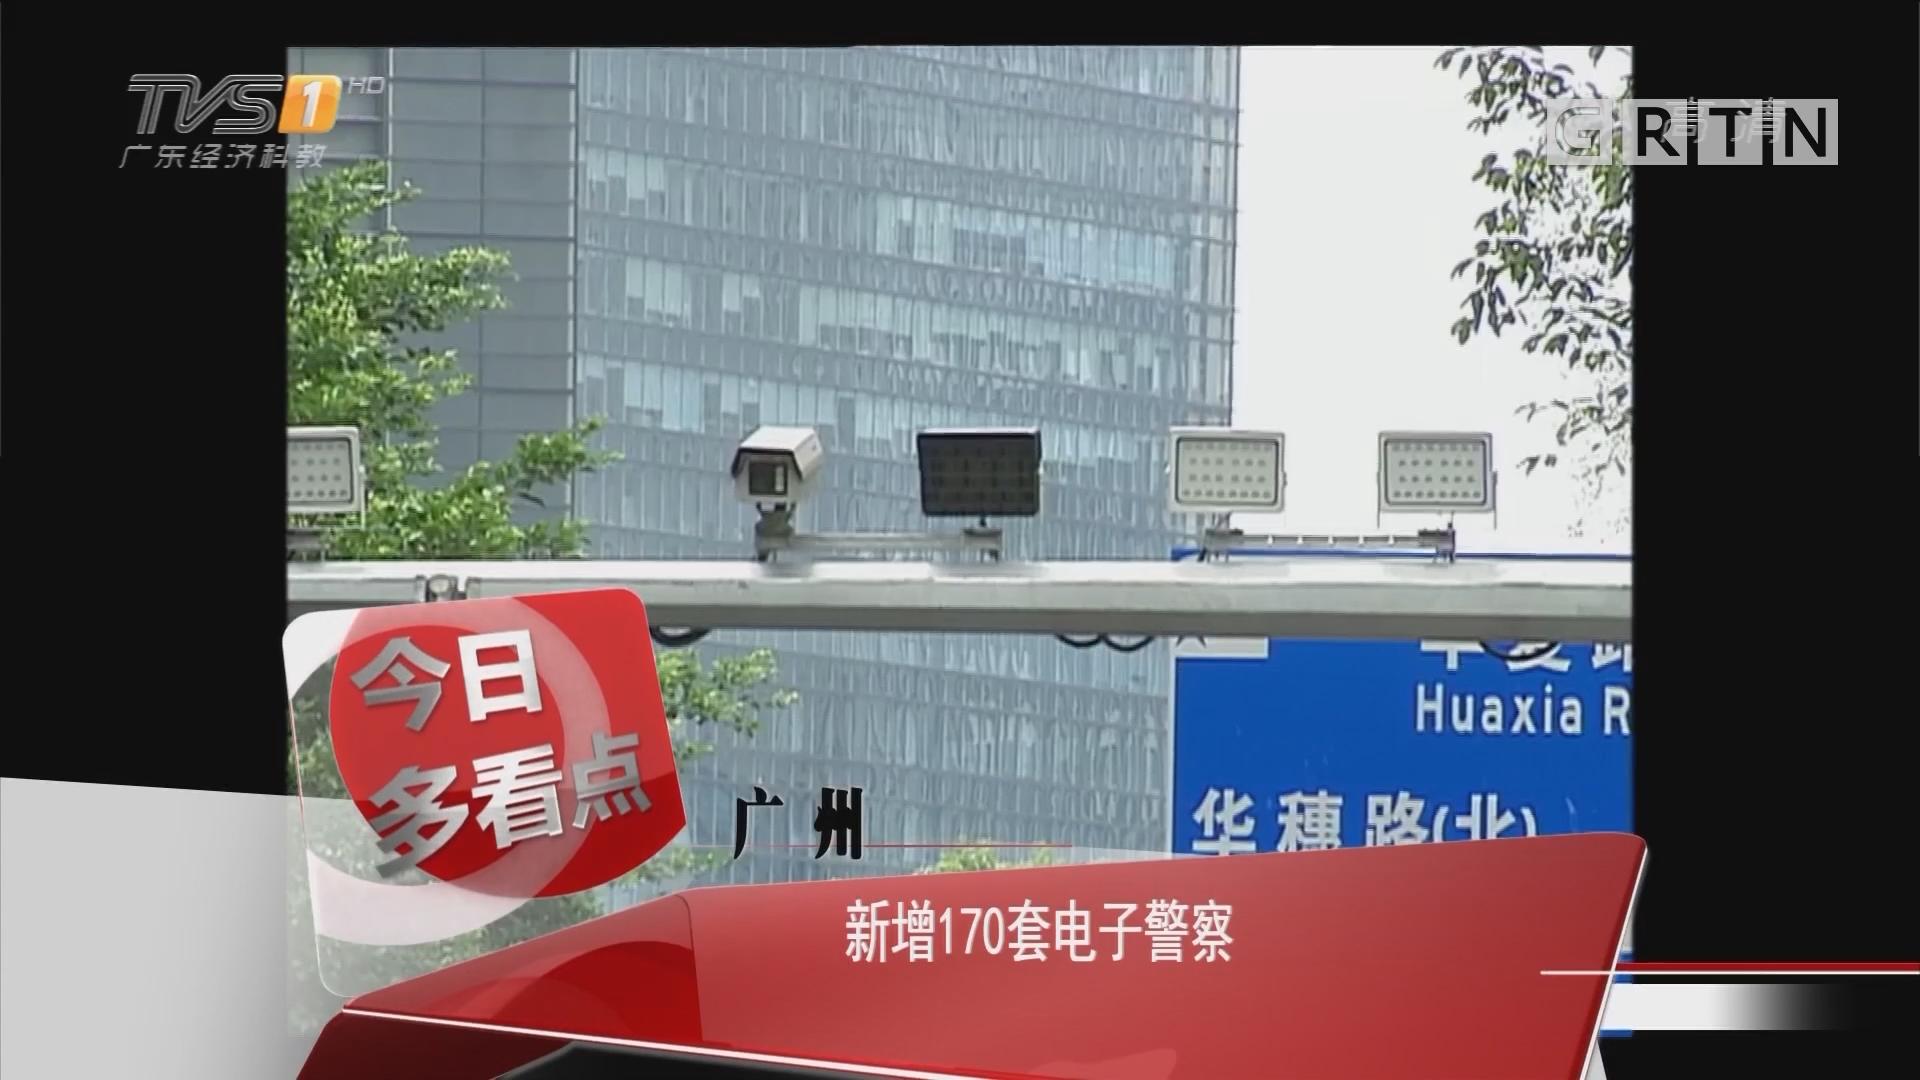 广州:新增170套电子警察